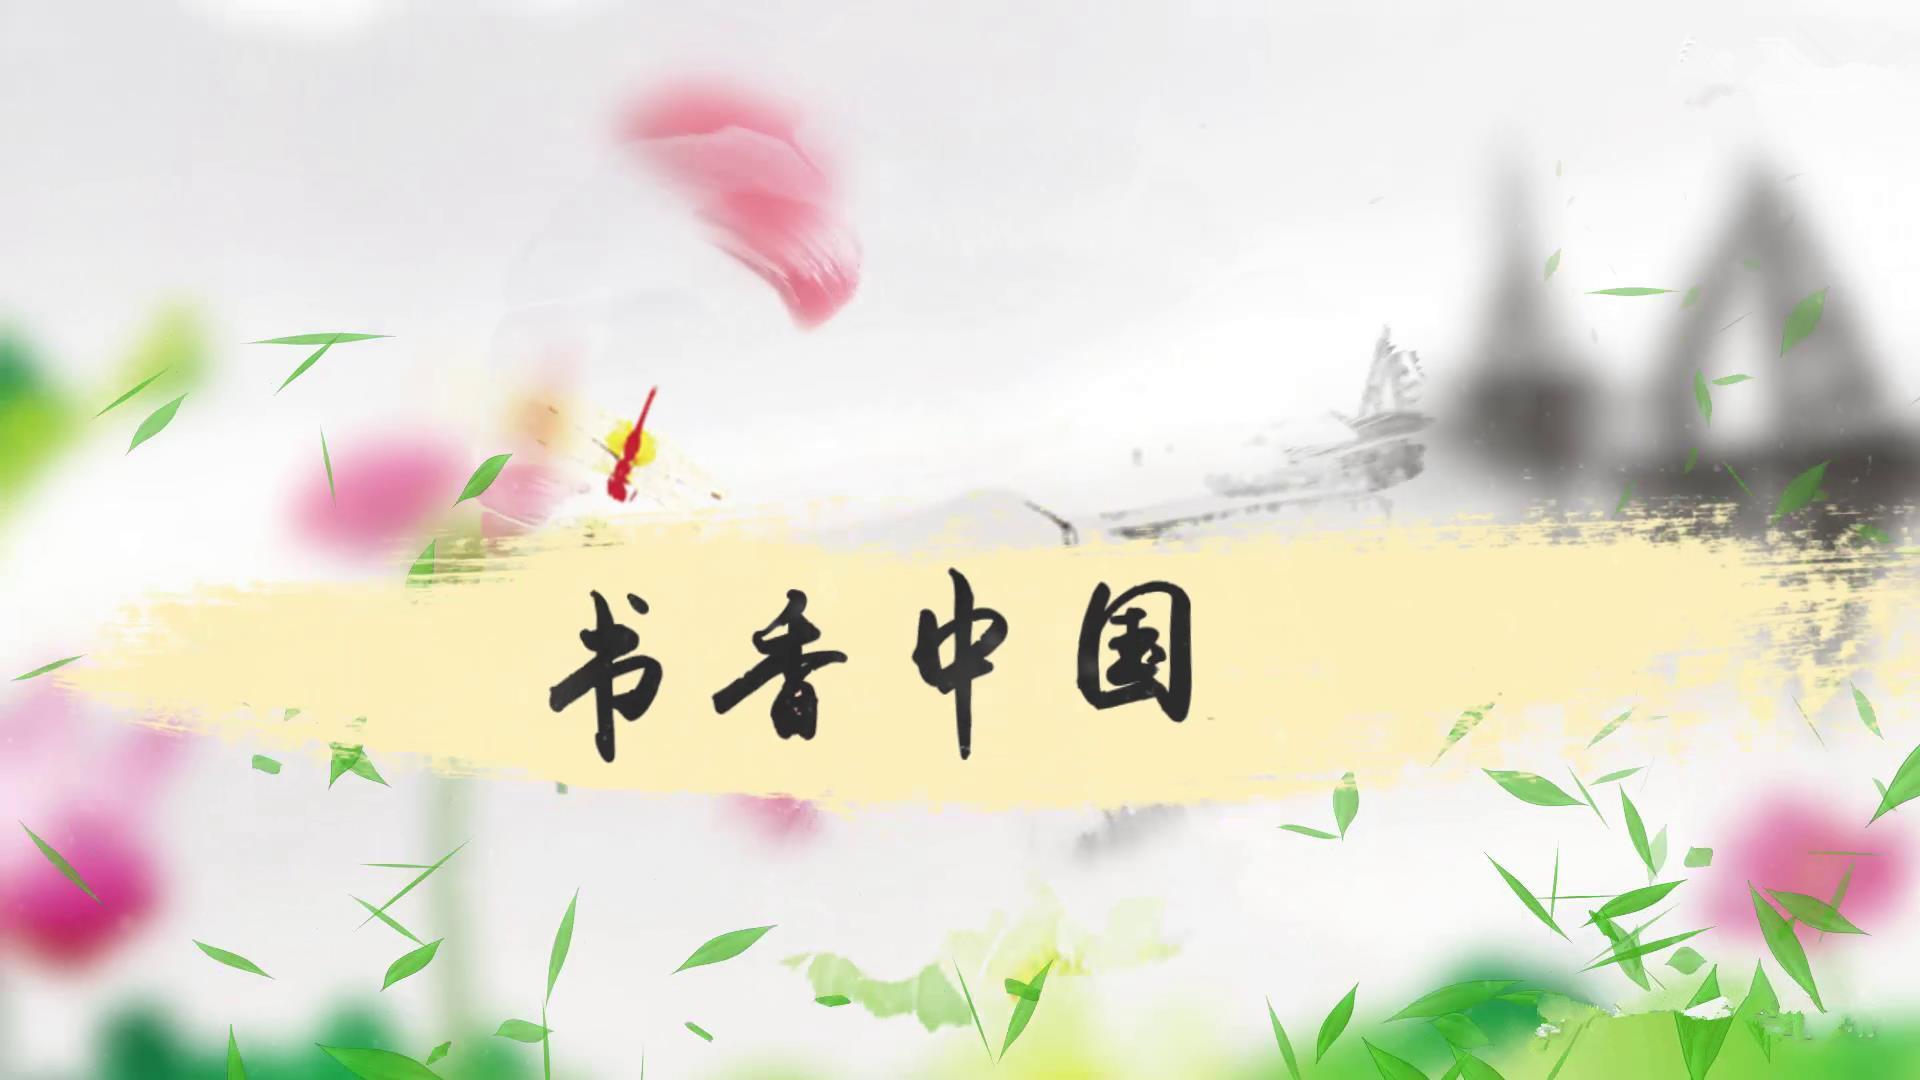 影音模板-优美淡雅中国风荷花水墨晕染片头ae模板(5)